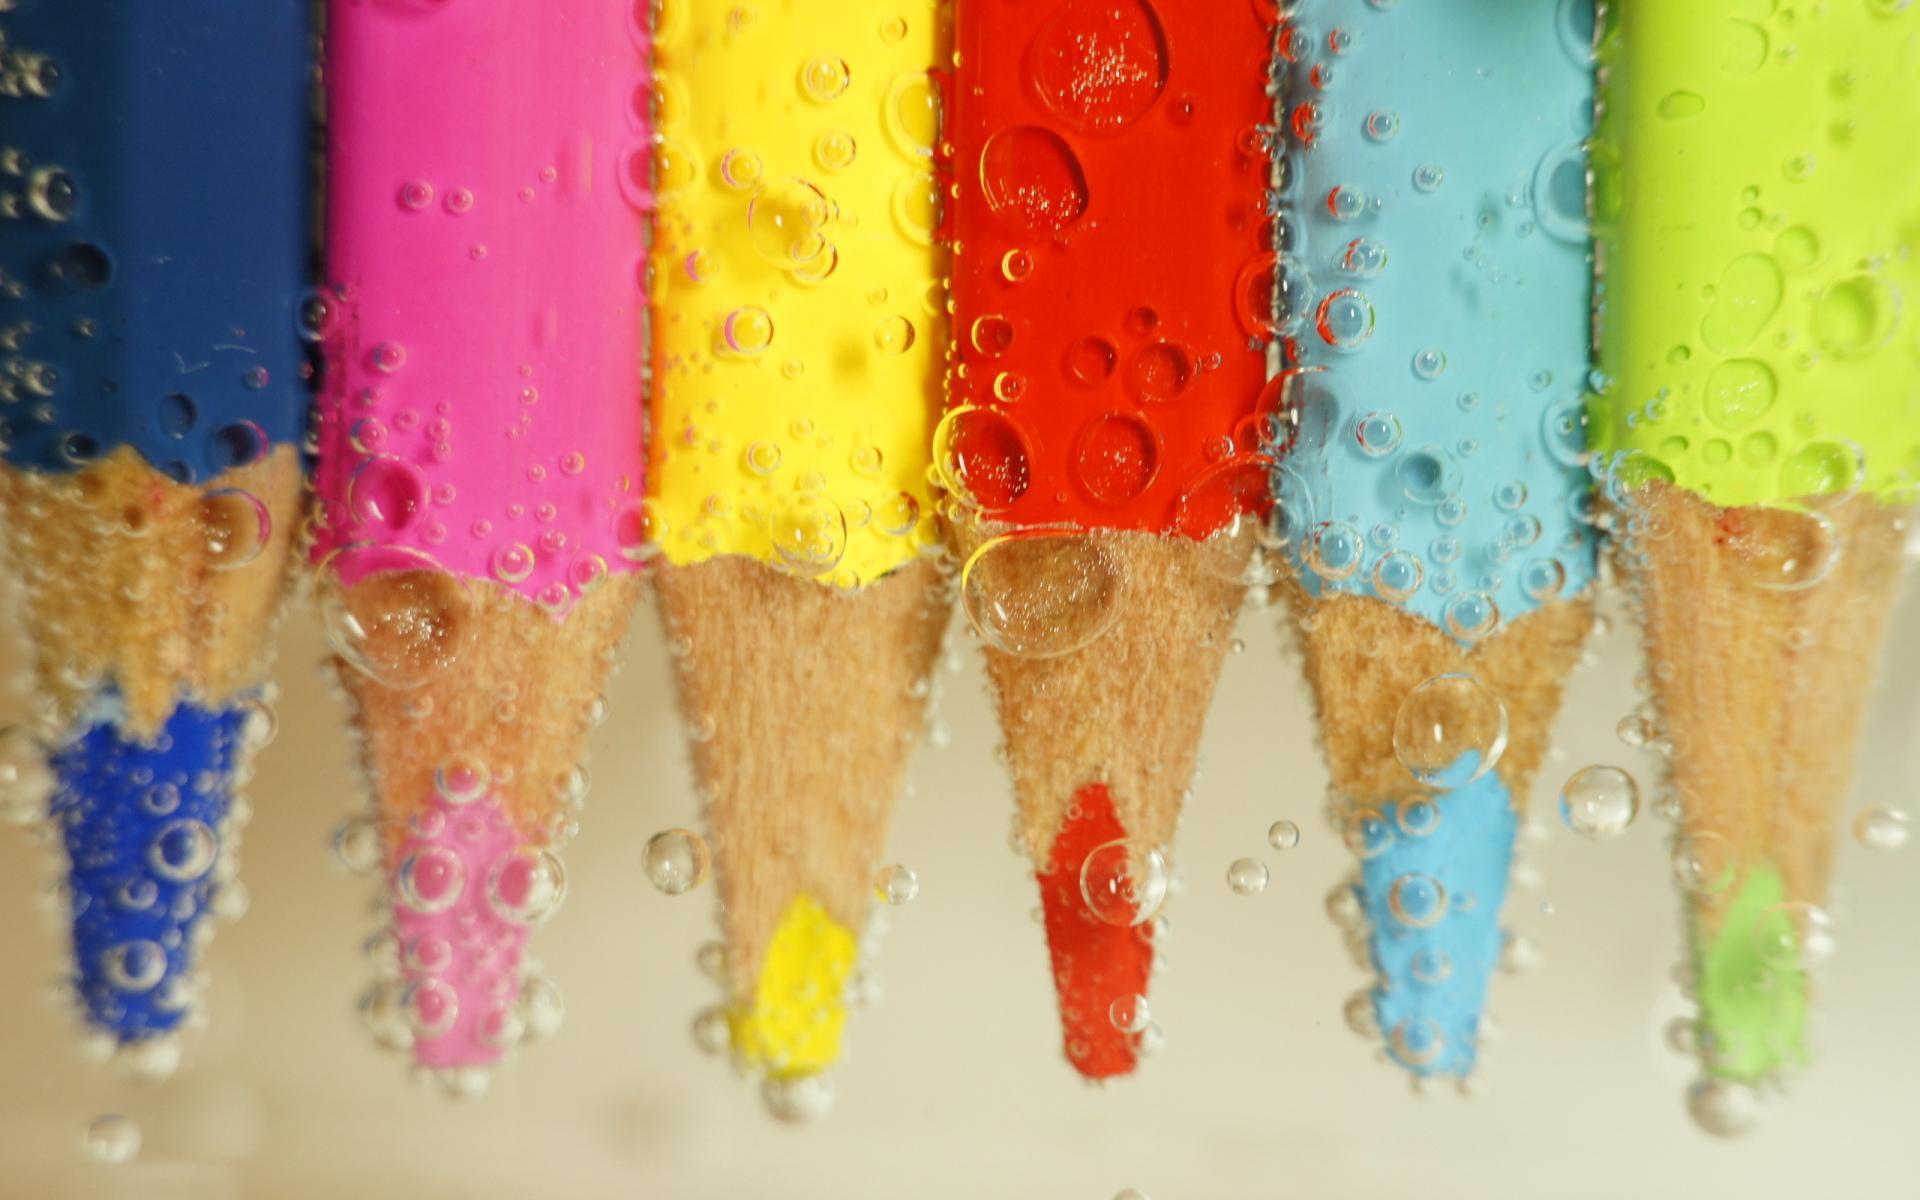 Карандаши и краски скачать